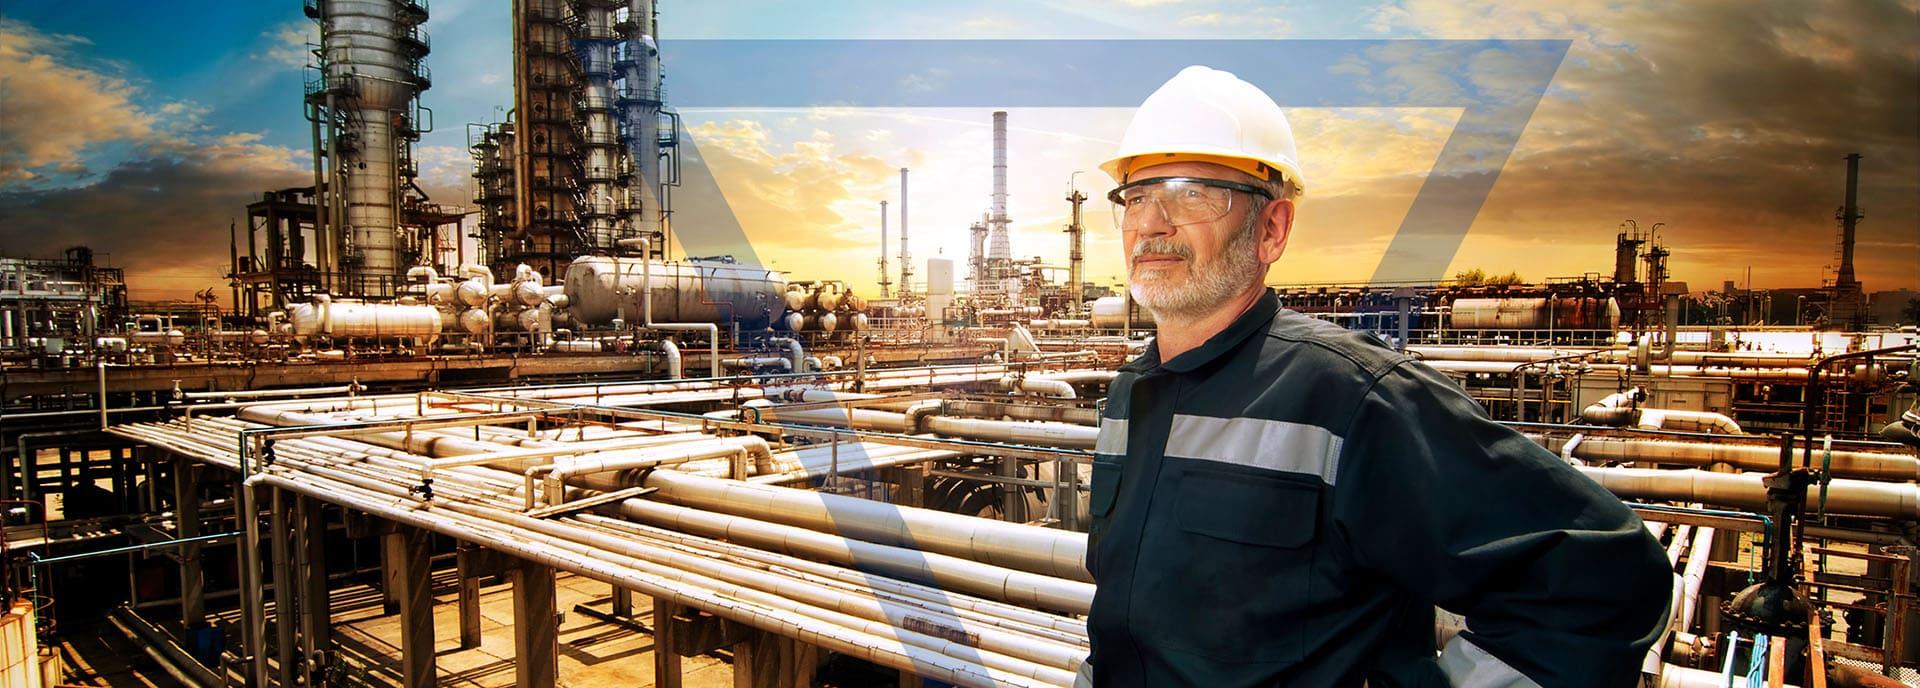 Mess- und Regeltechnik für die Industrie • Aquasant Messtechnik AG